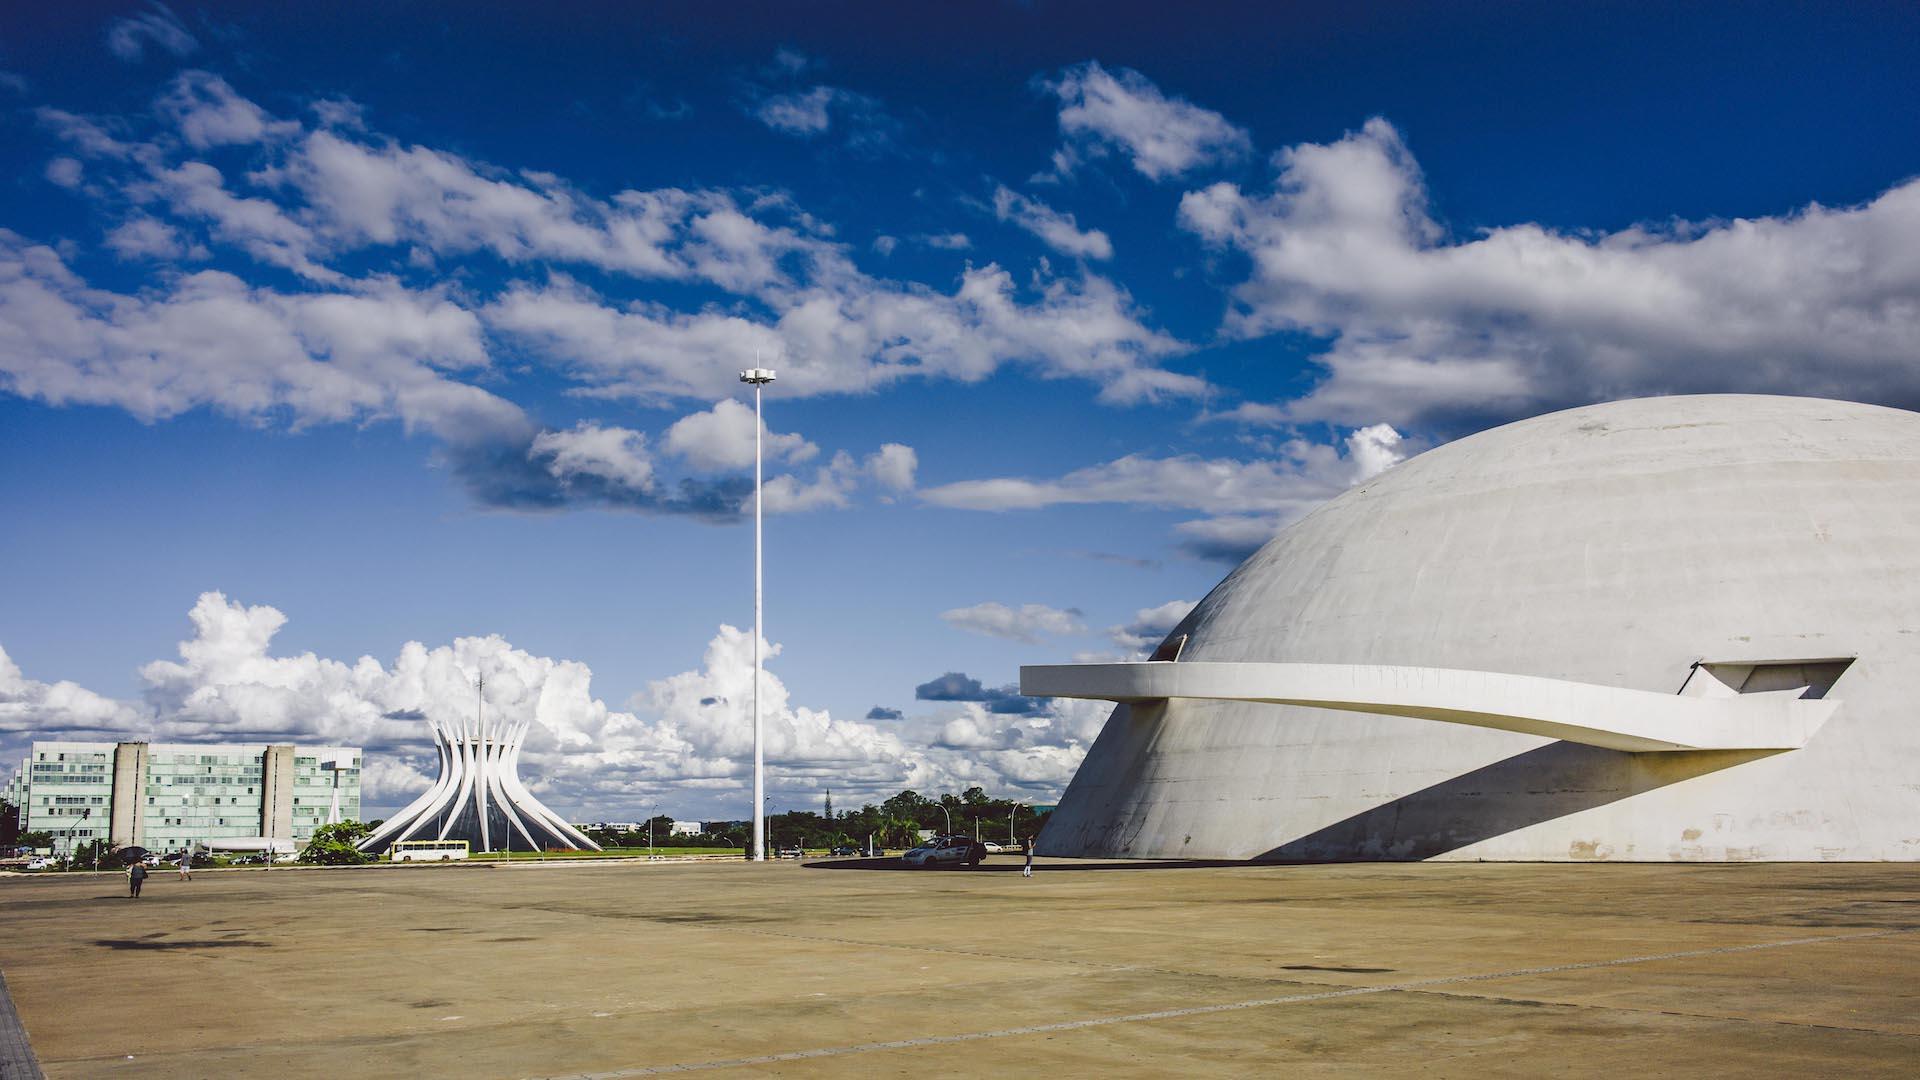 Tagestour Stadtbesichtigung Brasilia + Mittagessen (6h, privat): Nationalmuseum